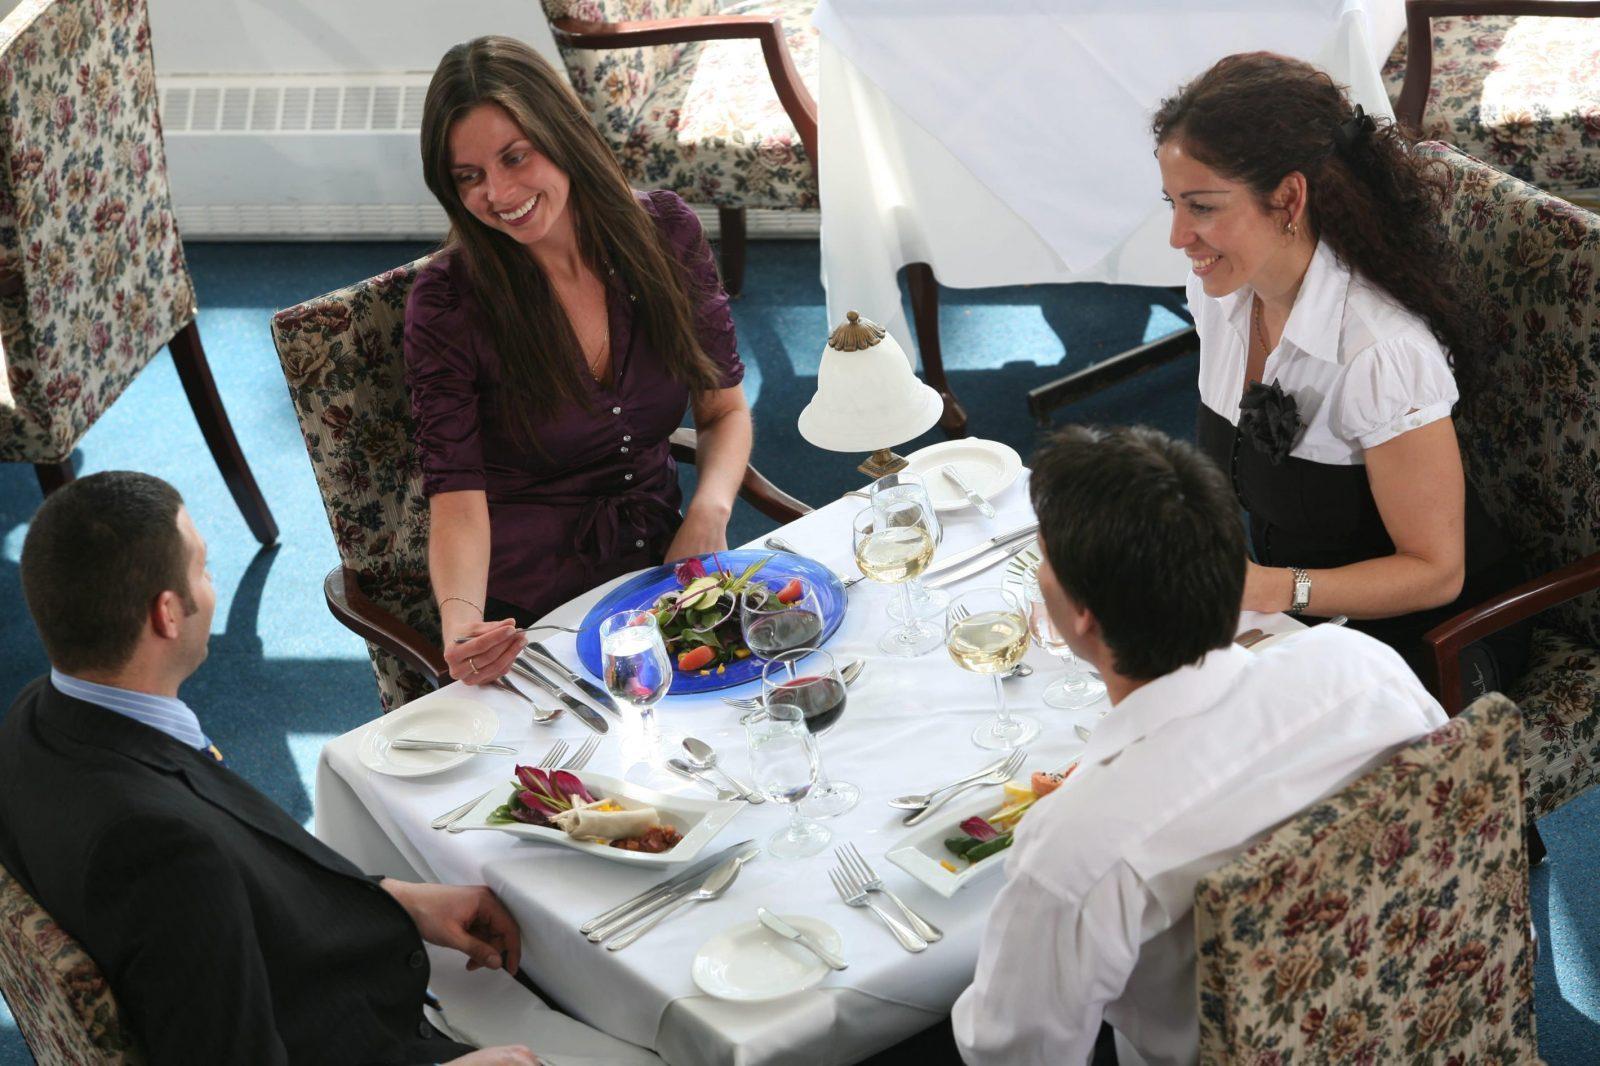 Auberge-Montagne-Coupée-dîner-affaires-business-lunch-meeting-menu